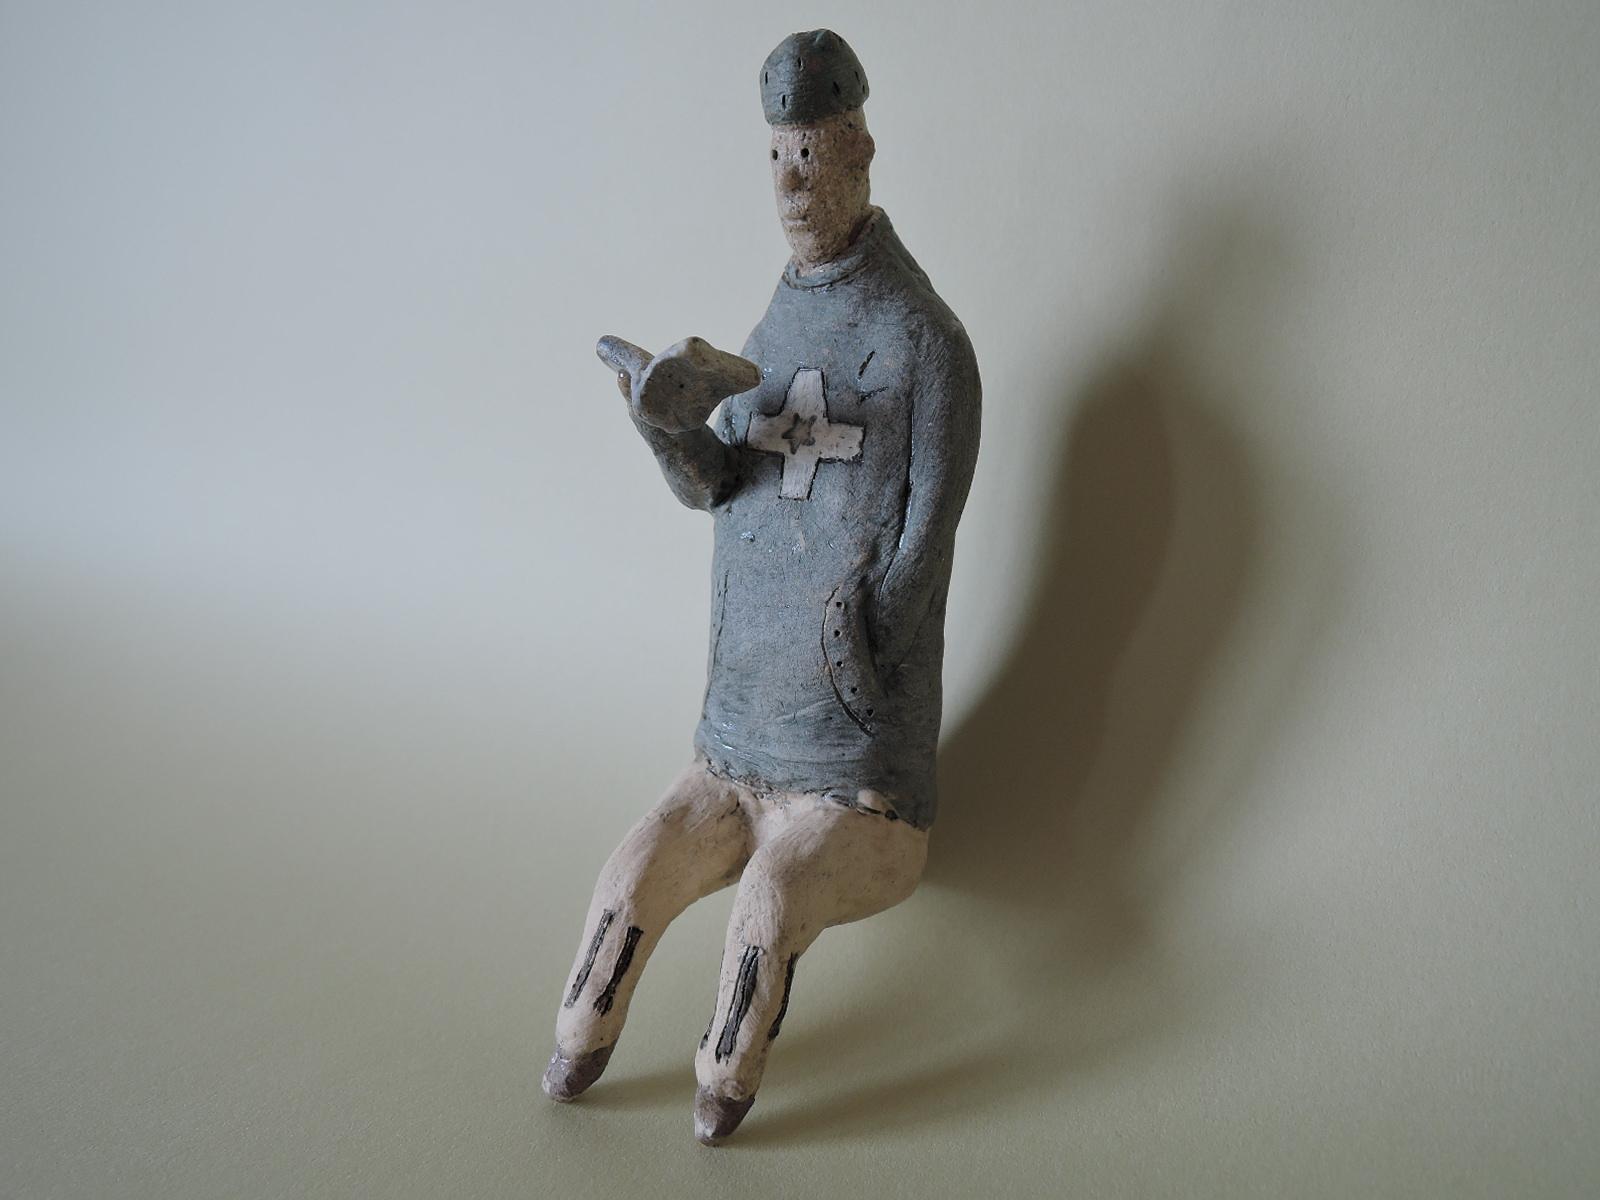 門脇美香江さんの陶器人形 本を読む